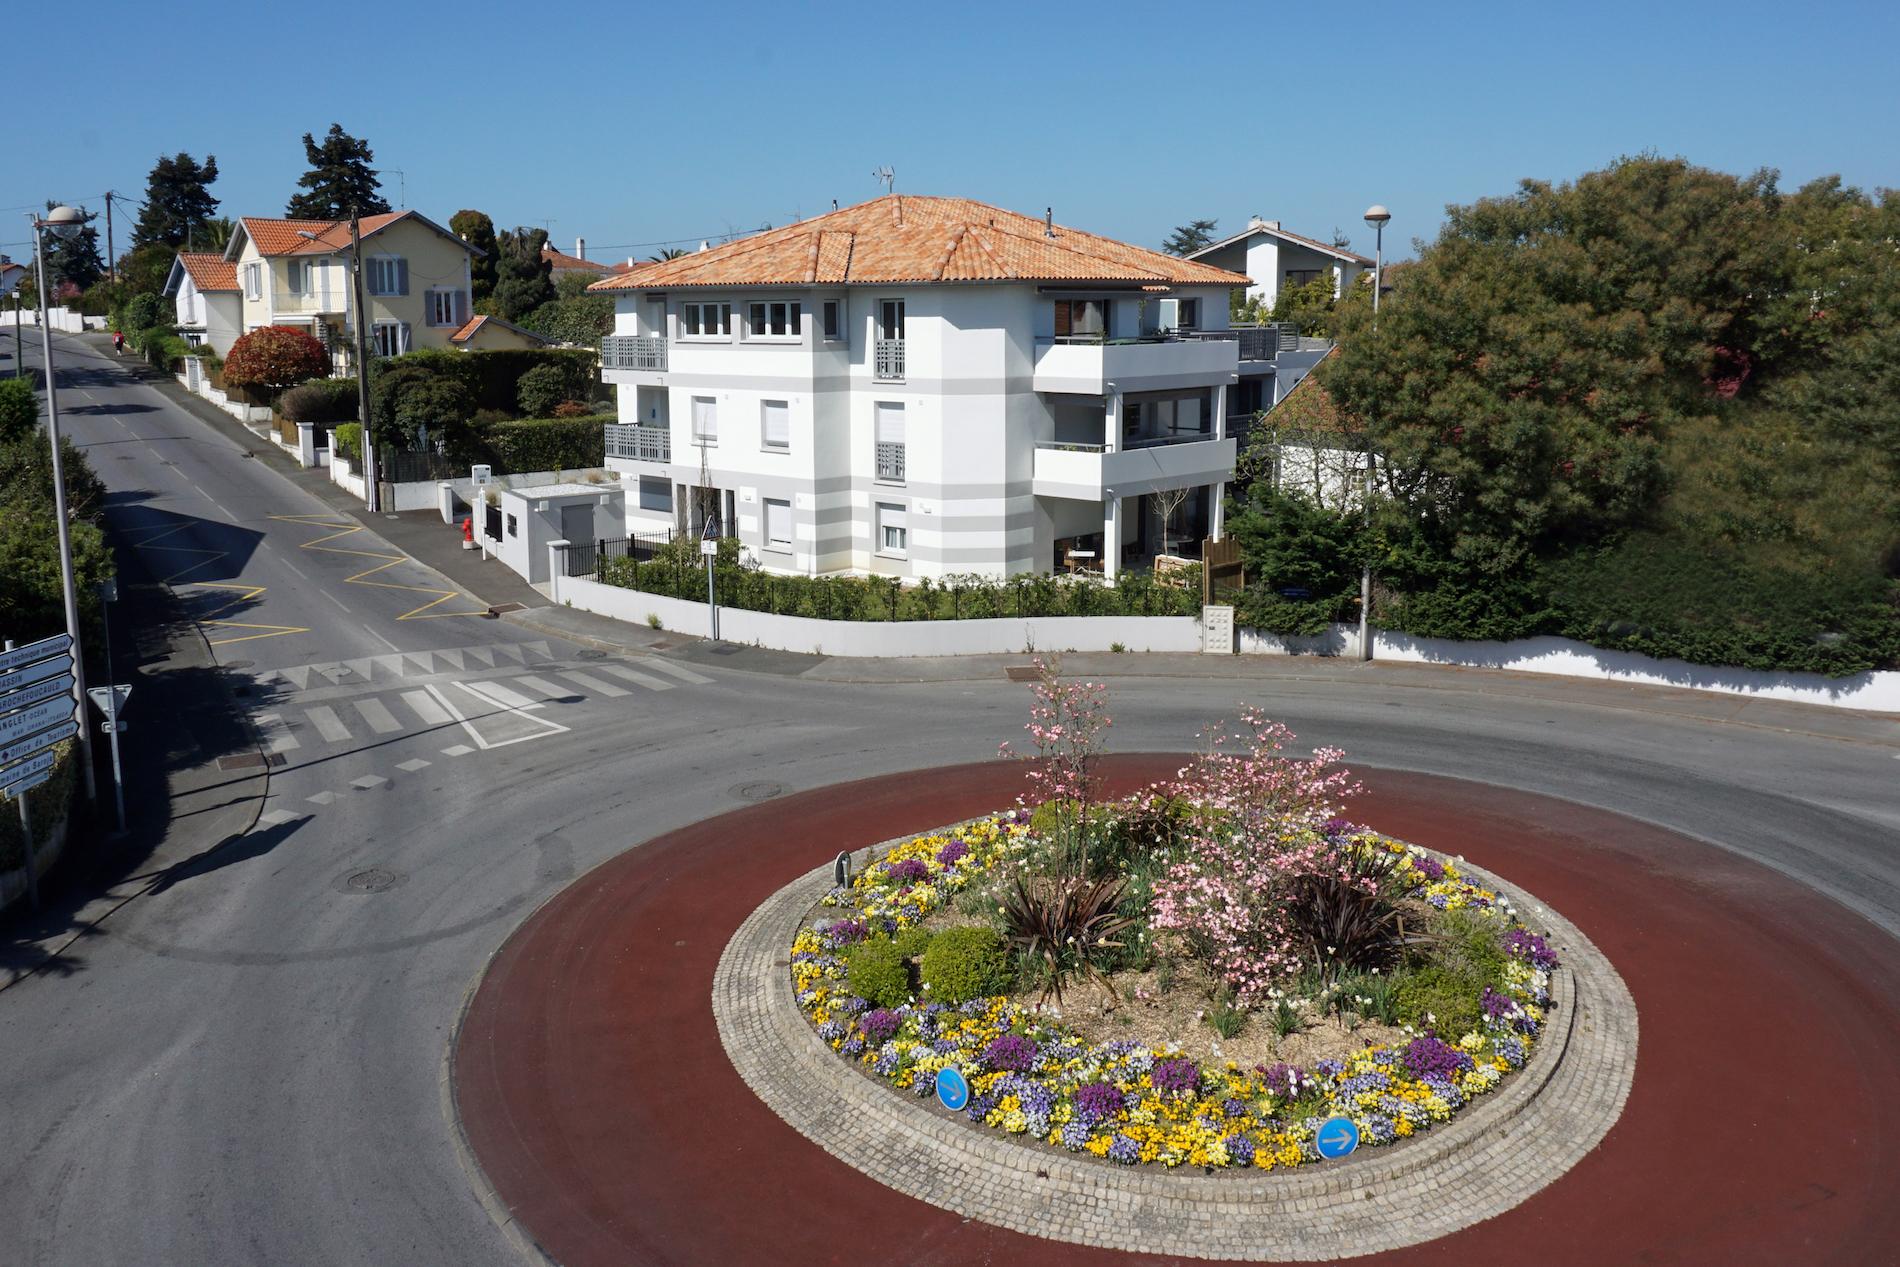 maneo-garantie-financiere-decennale-pour-nos-programmes-immobiliers-pays-basque-maneo-habitat